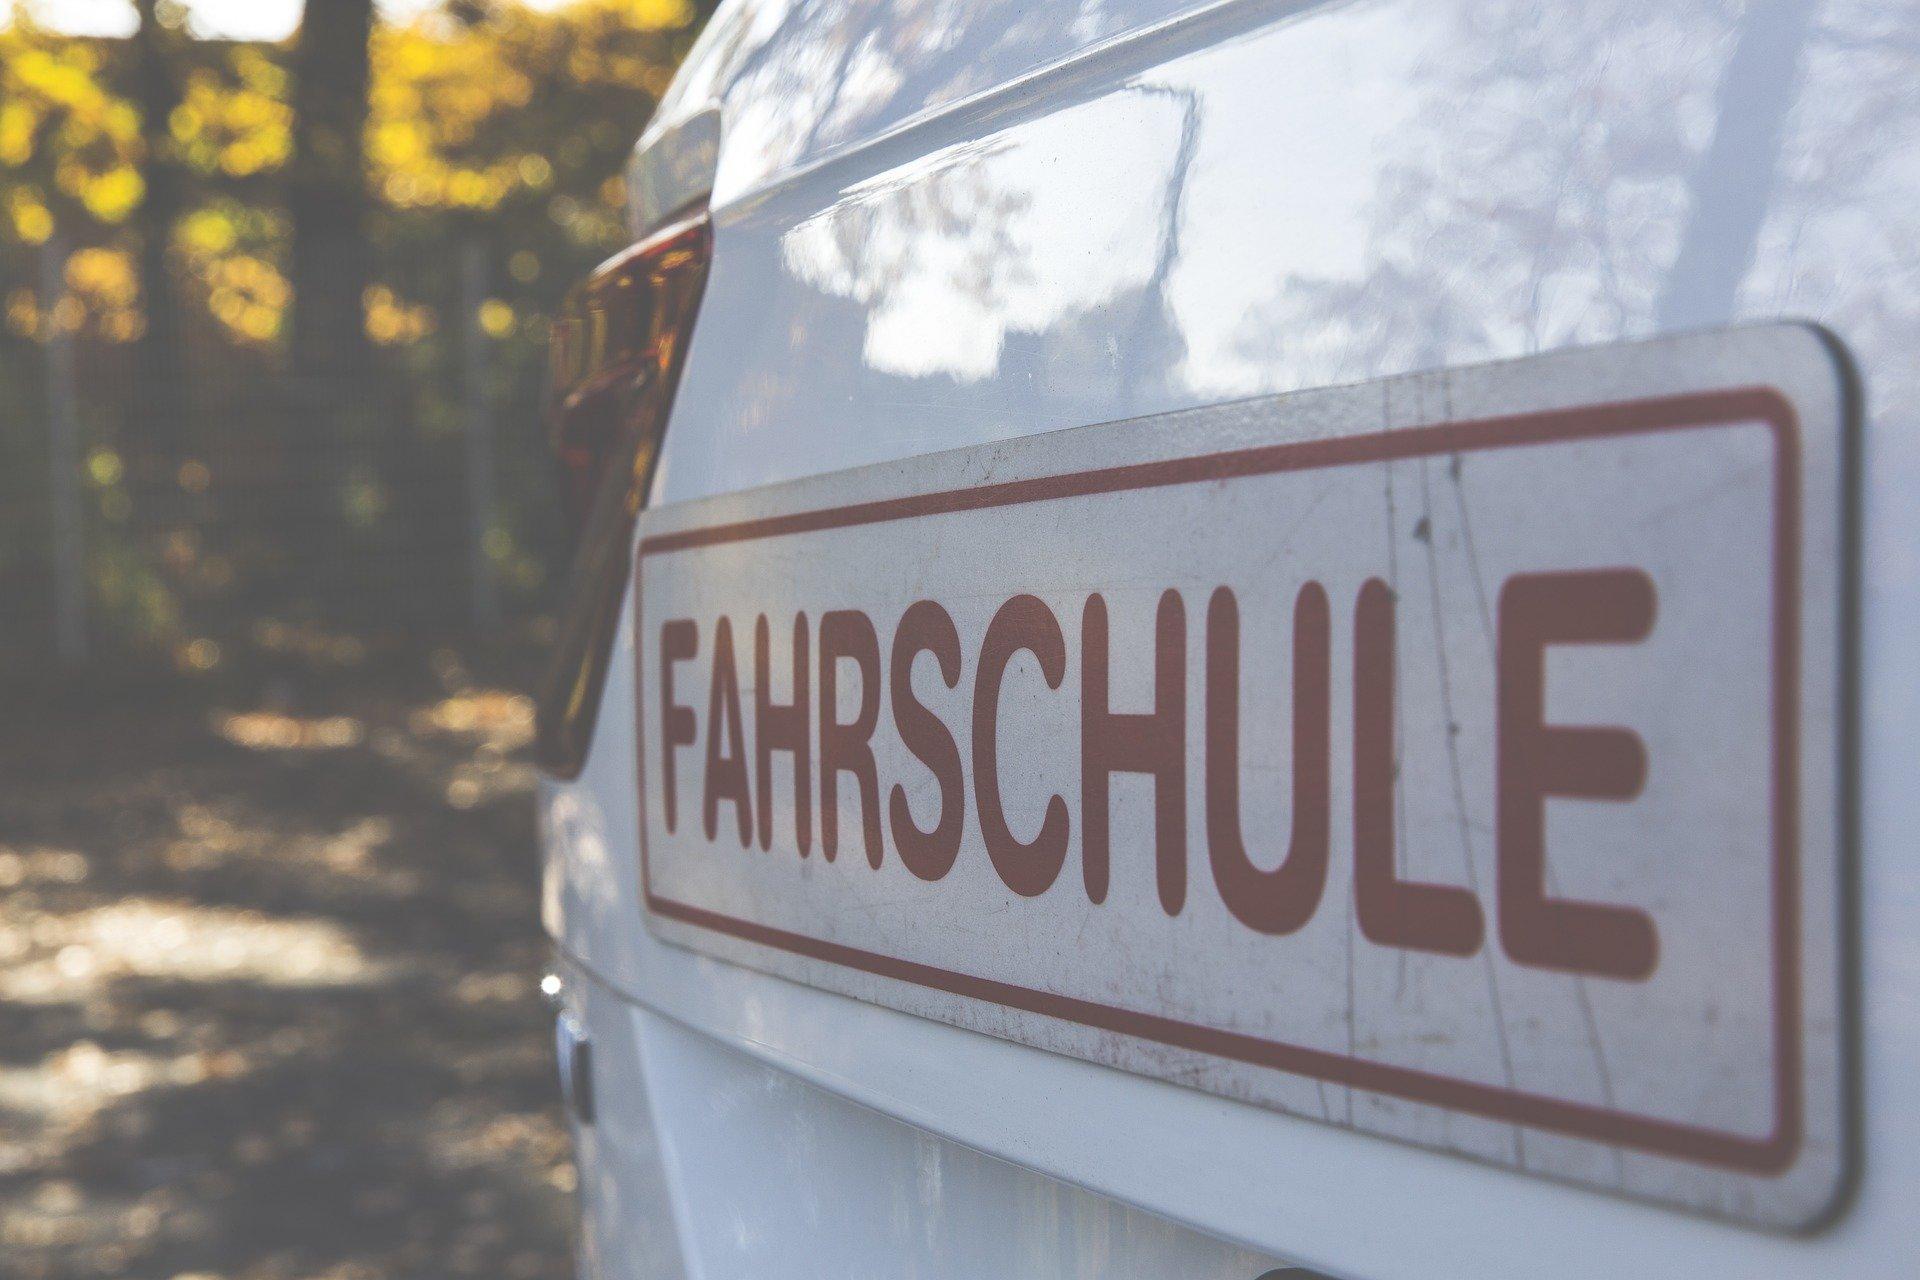 Magnetschild Fahrschule   Blog   Klebeschriften einfach online gestalten   myfolie.com